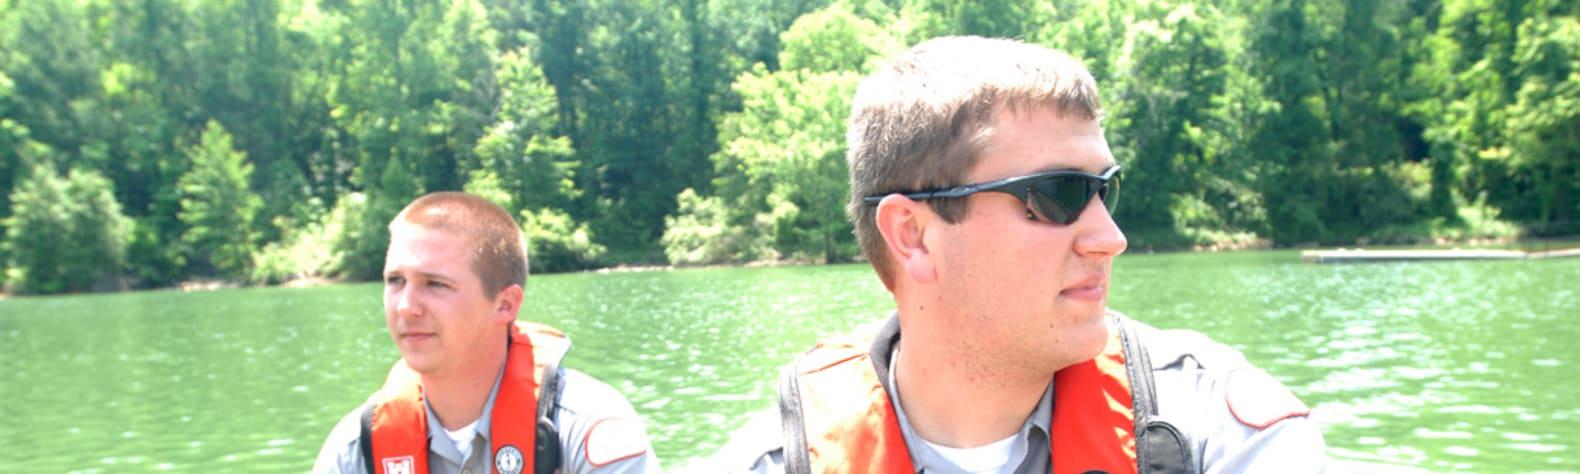 Lake Malone State Park